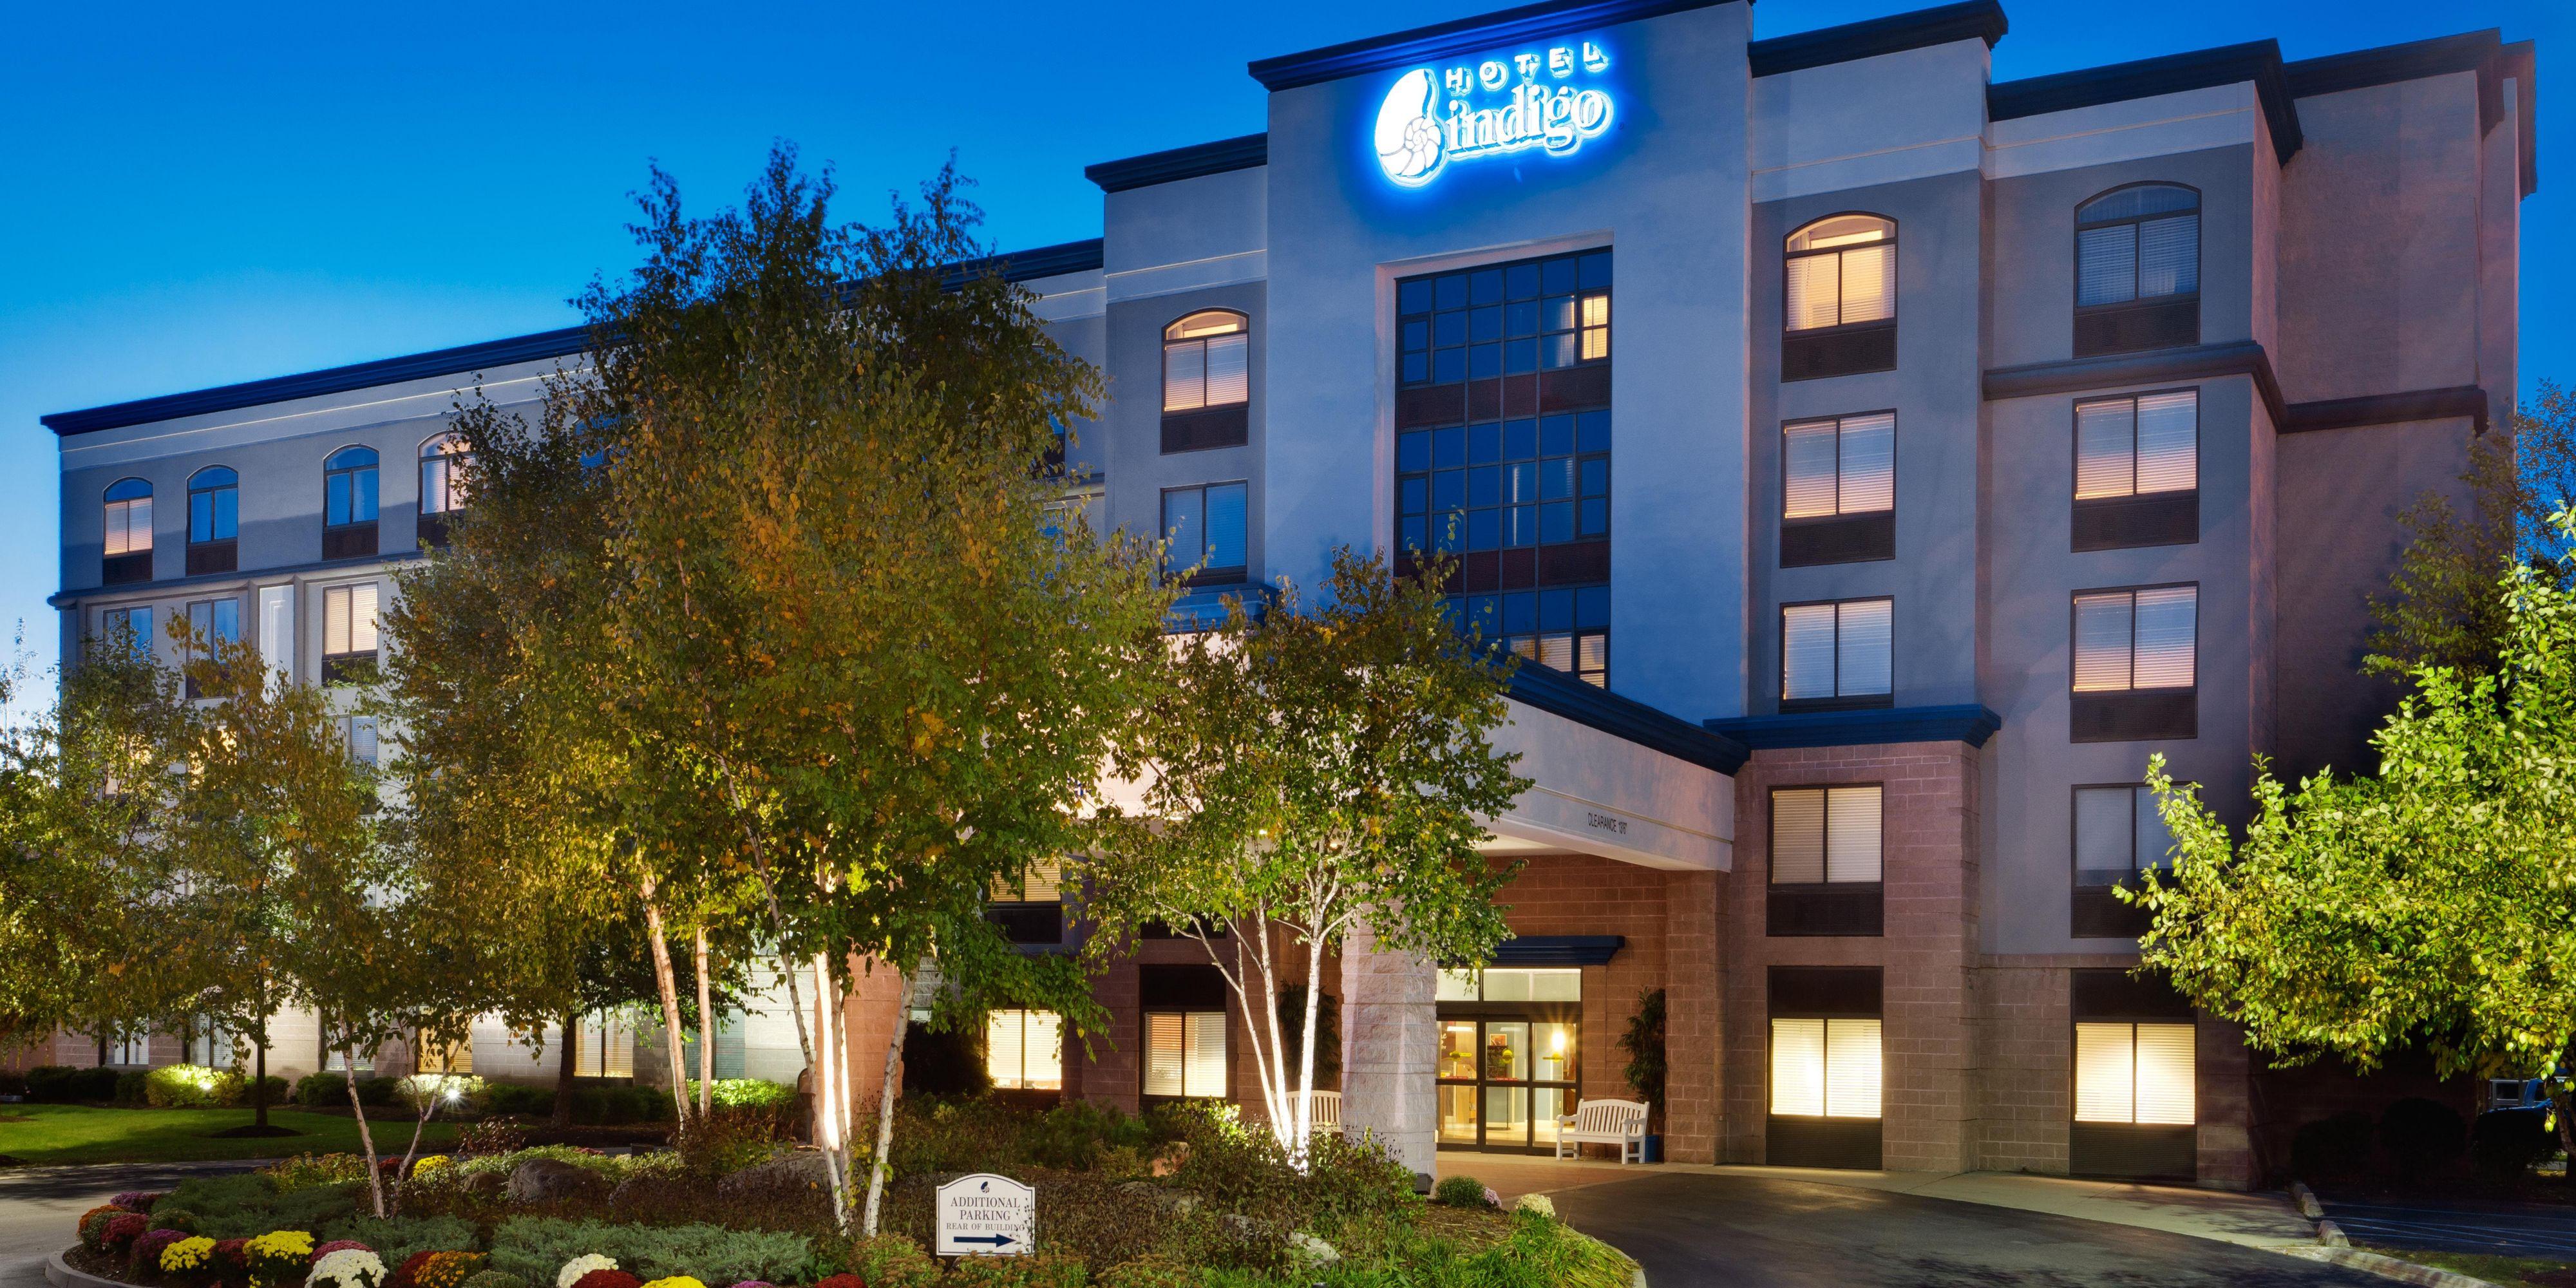 Hotel Indigo Albany Latham image 0